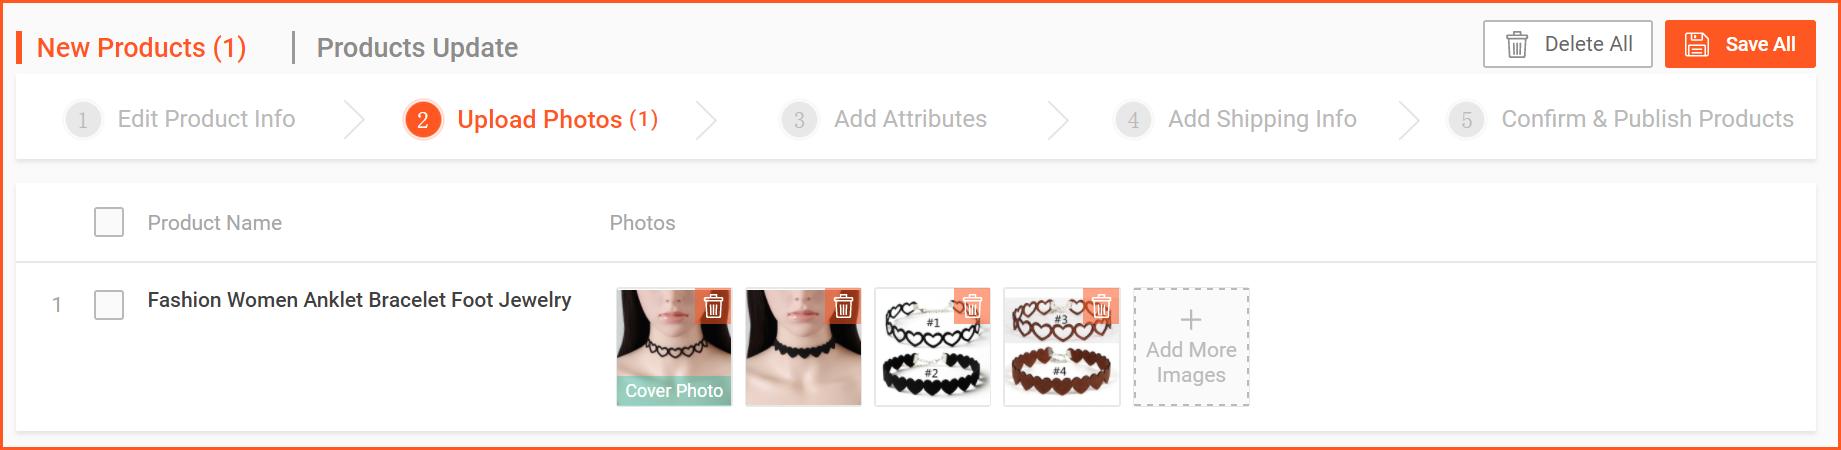 虾皮购物(Shopee电商平台)从商家帐号注册入驻卖家平台到运营教程 – 商品上传与管理 多个(批量)上传商品